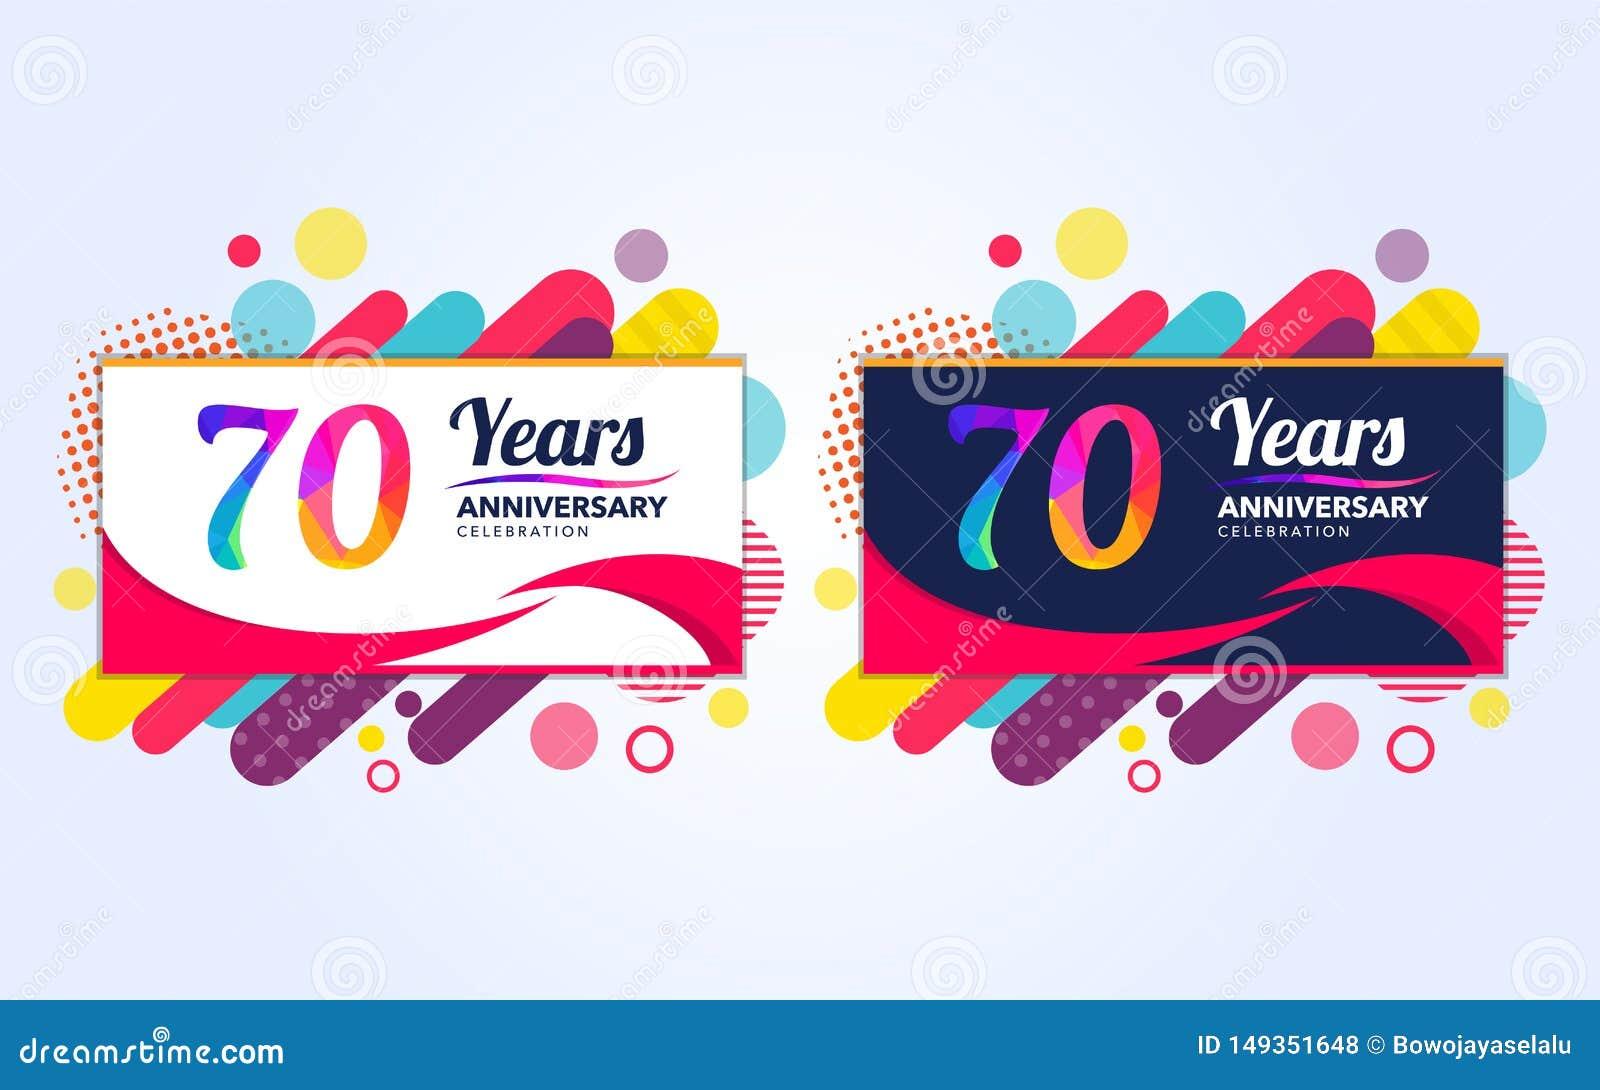 70年流行周年现代设计元素,五颜六色的编辑,庆祝模板设计,流行音乐庆祝模板设计,